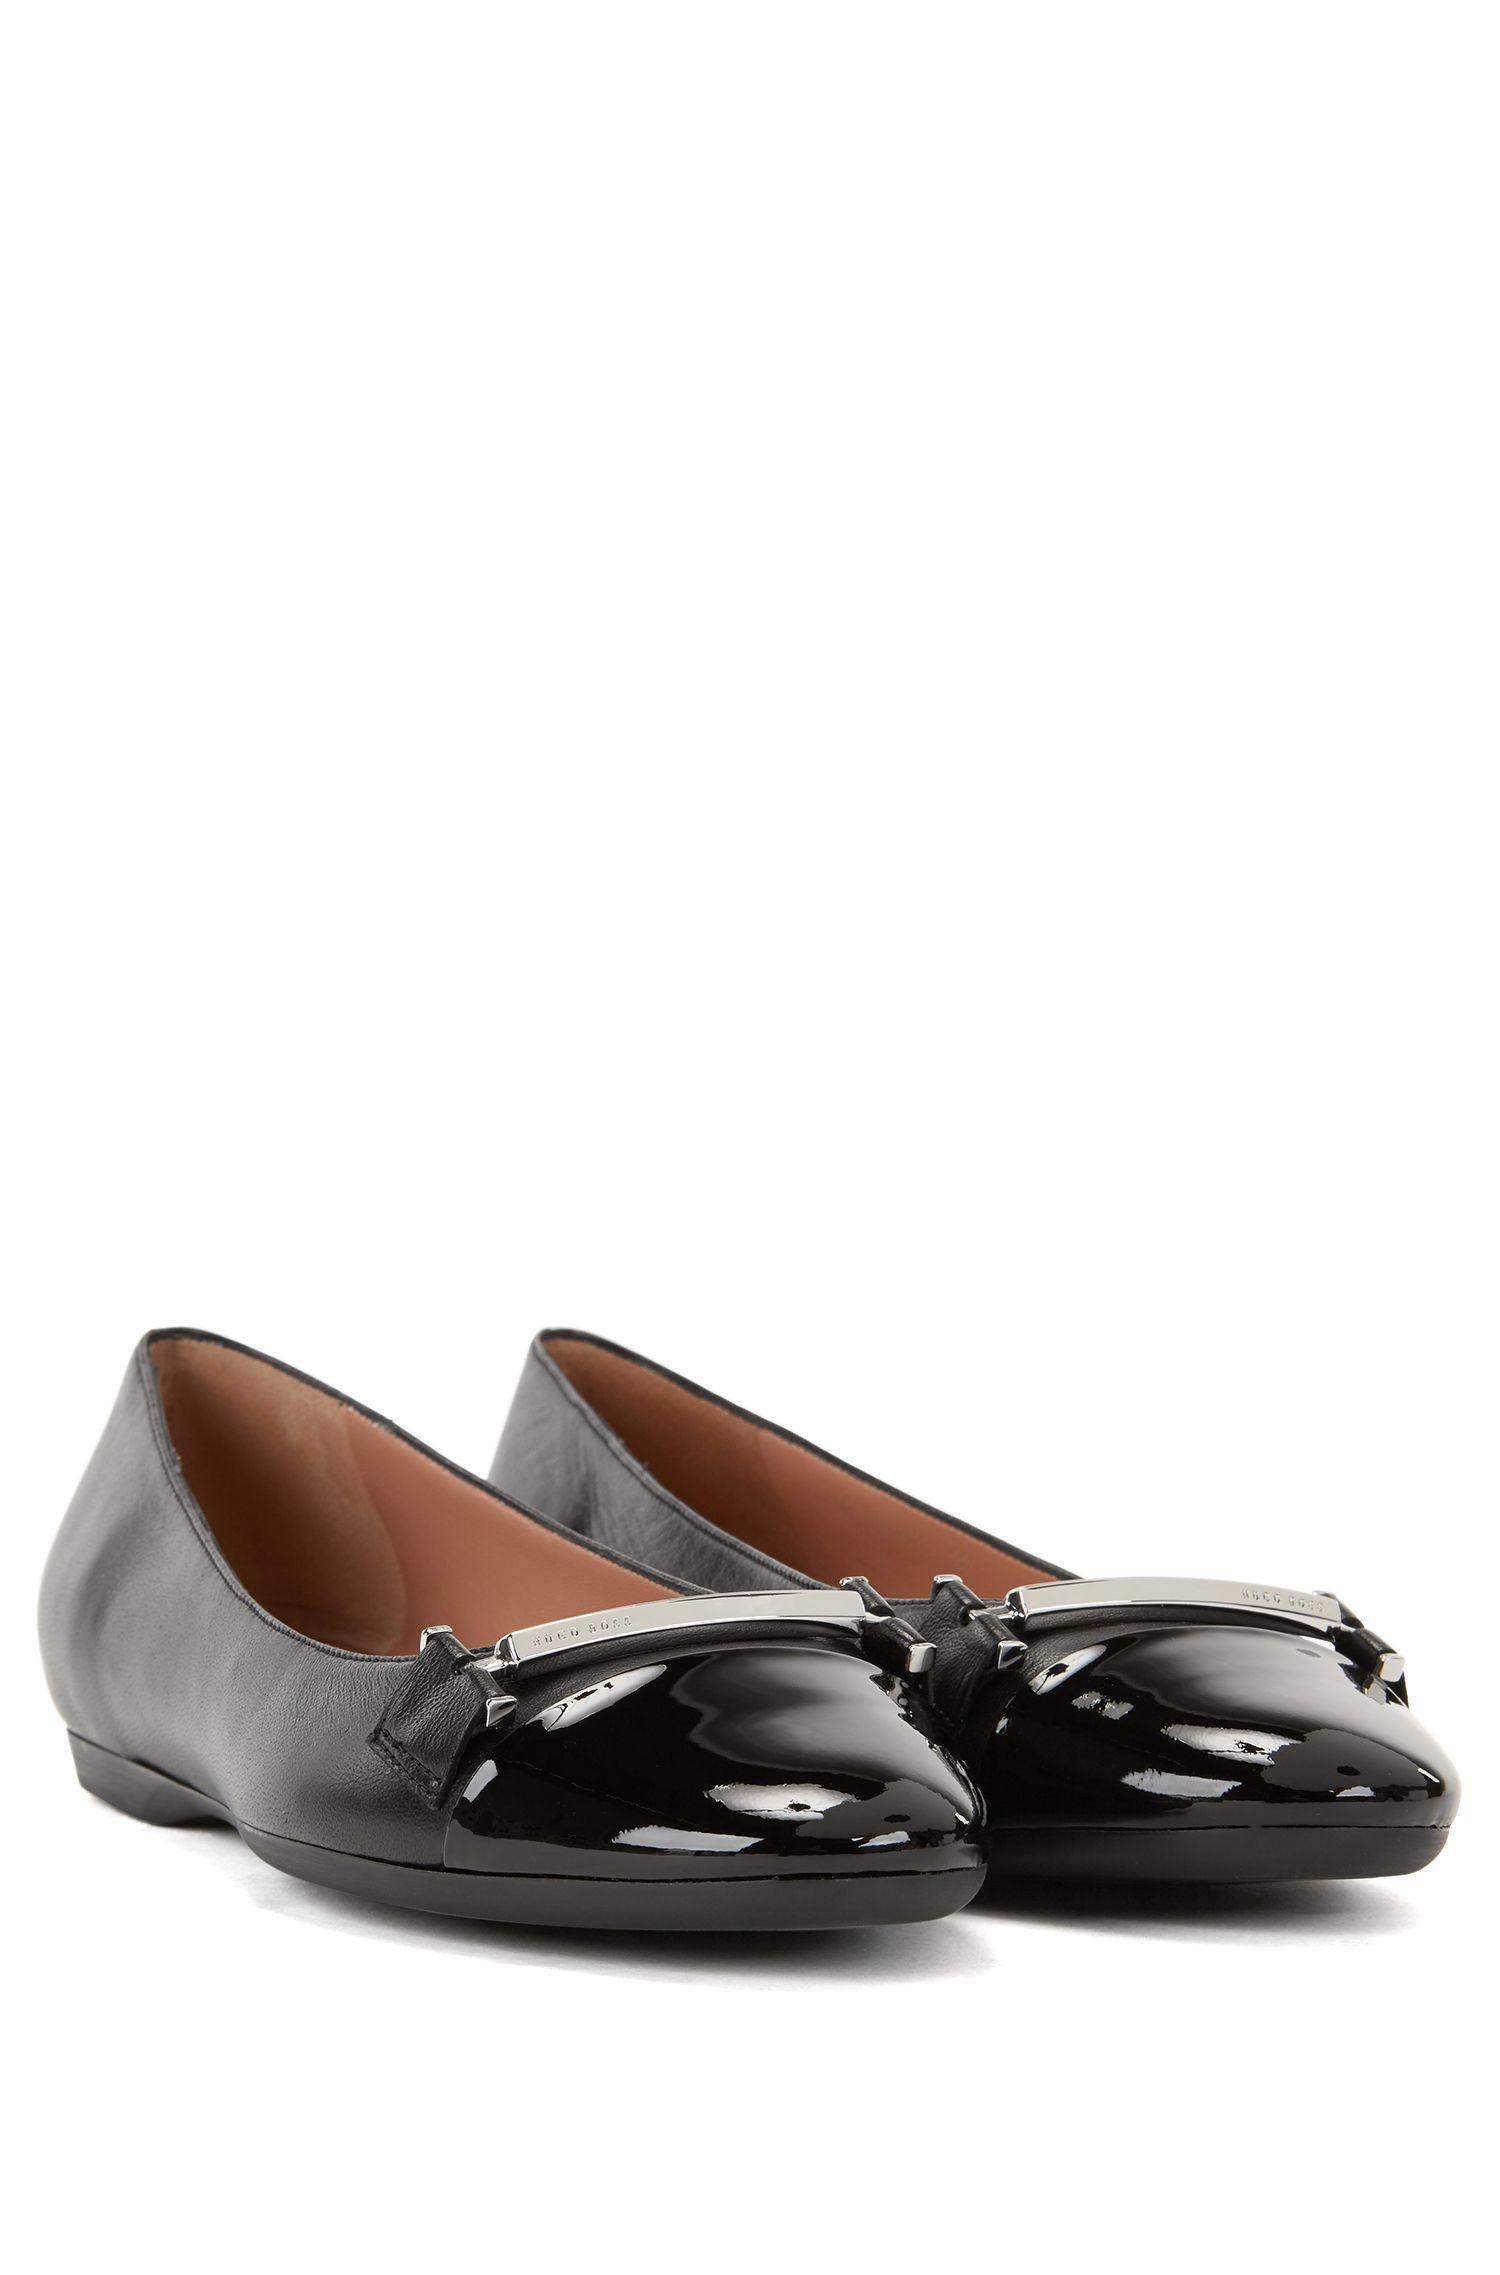 Sheepskin Horsebit Flat | Lara Ballerina, Black